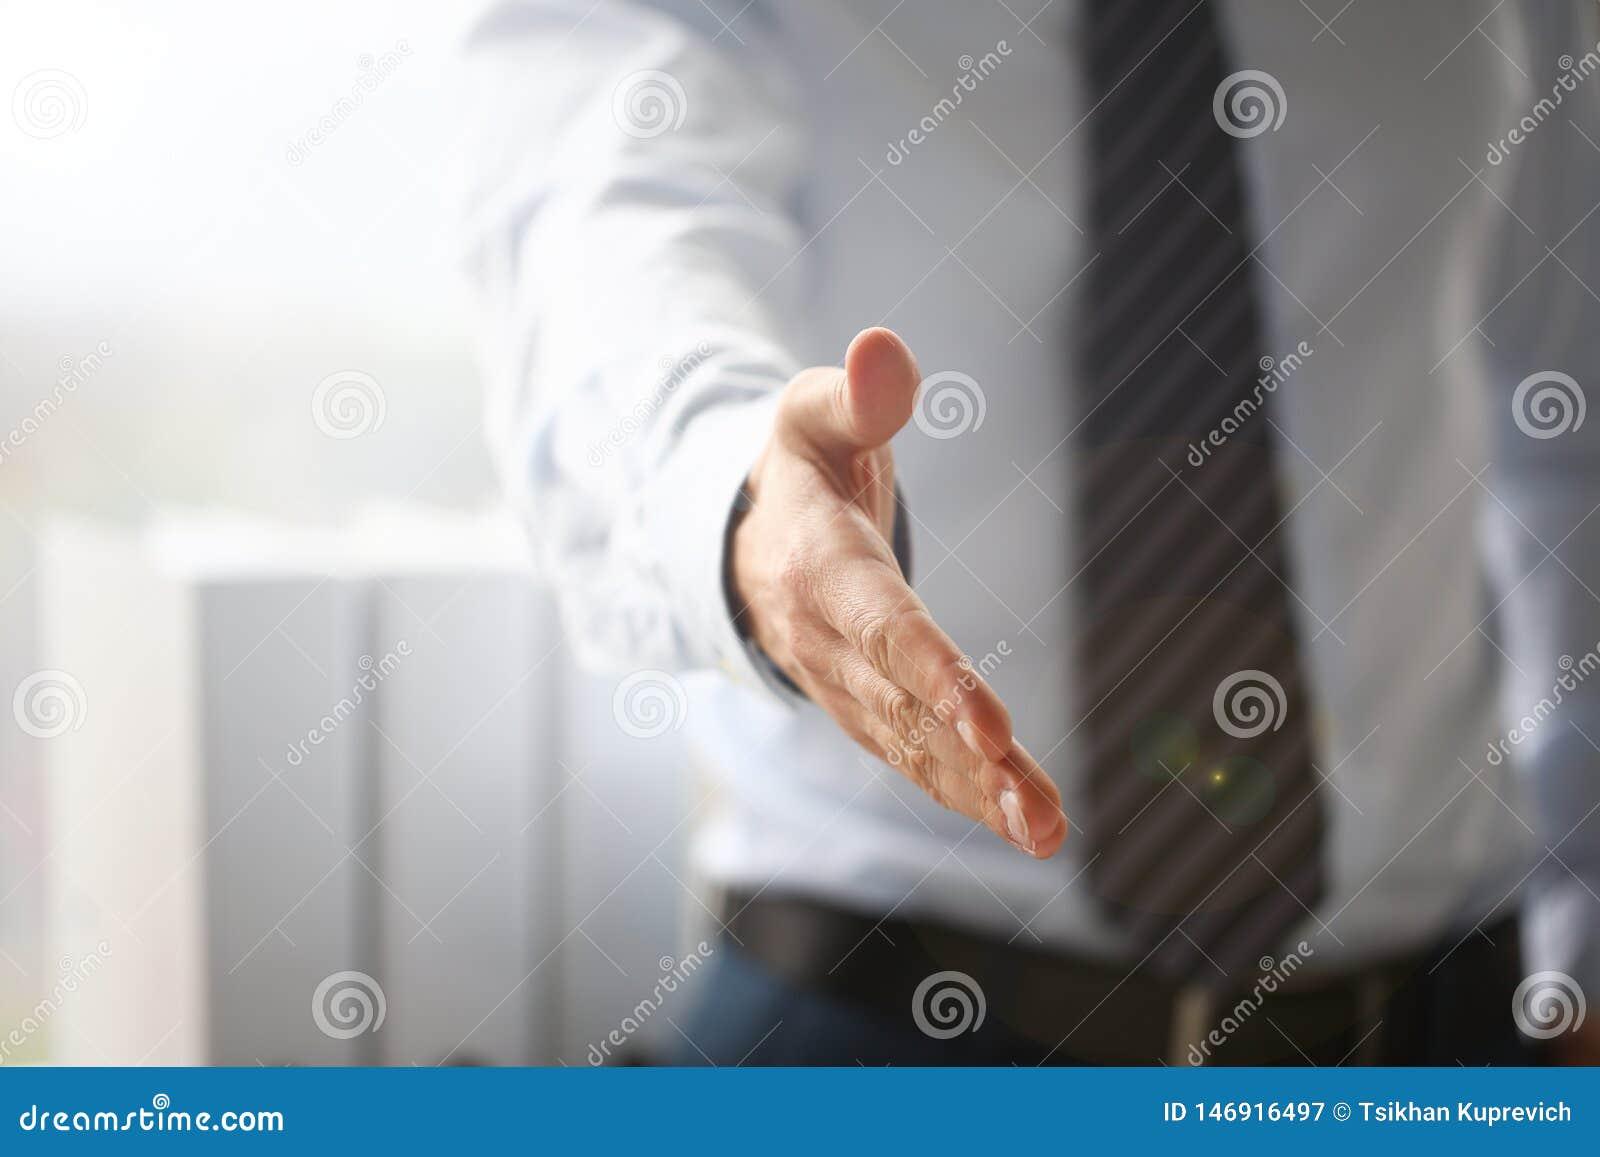 Το άτομο στο κοστούμι και ο δεσμός δίνουν το χέρι όπως γειά σου στην κινηματογράφηση σε πρώτο πλάνο γραφείων